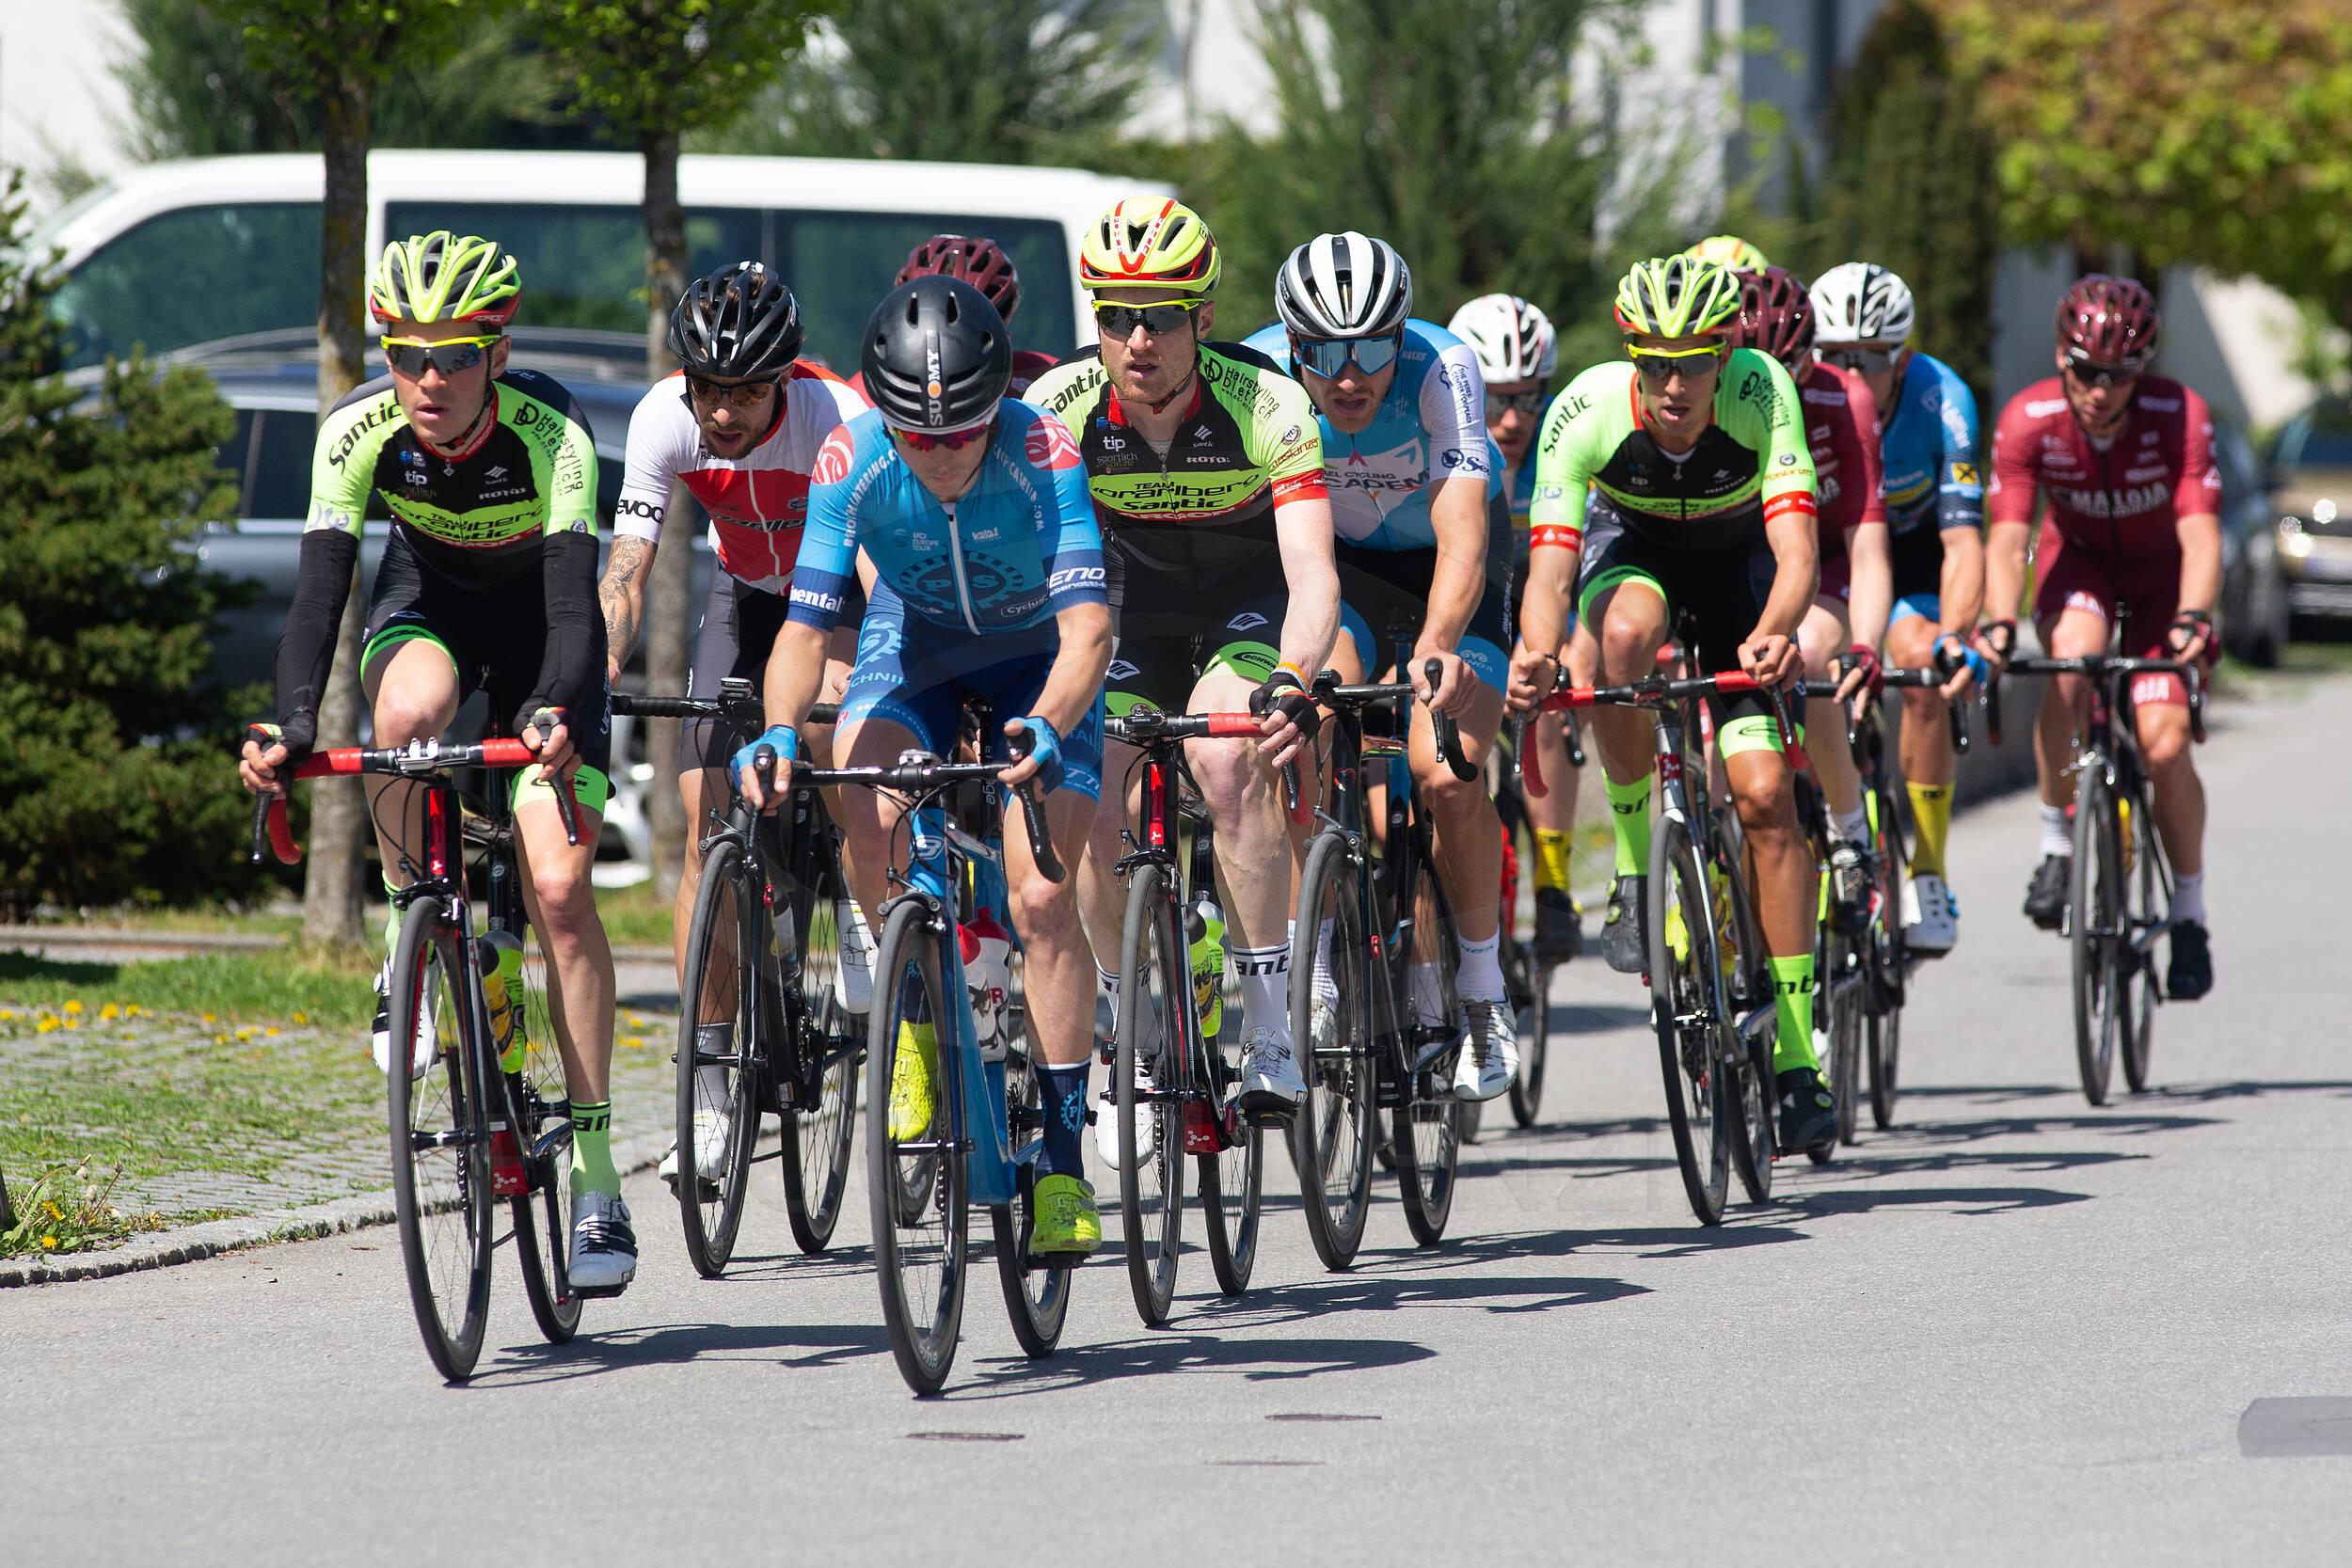 Themenabend Radsport - 16.05.2019